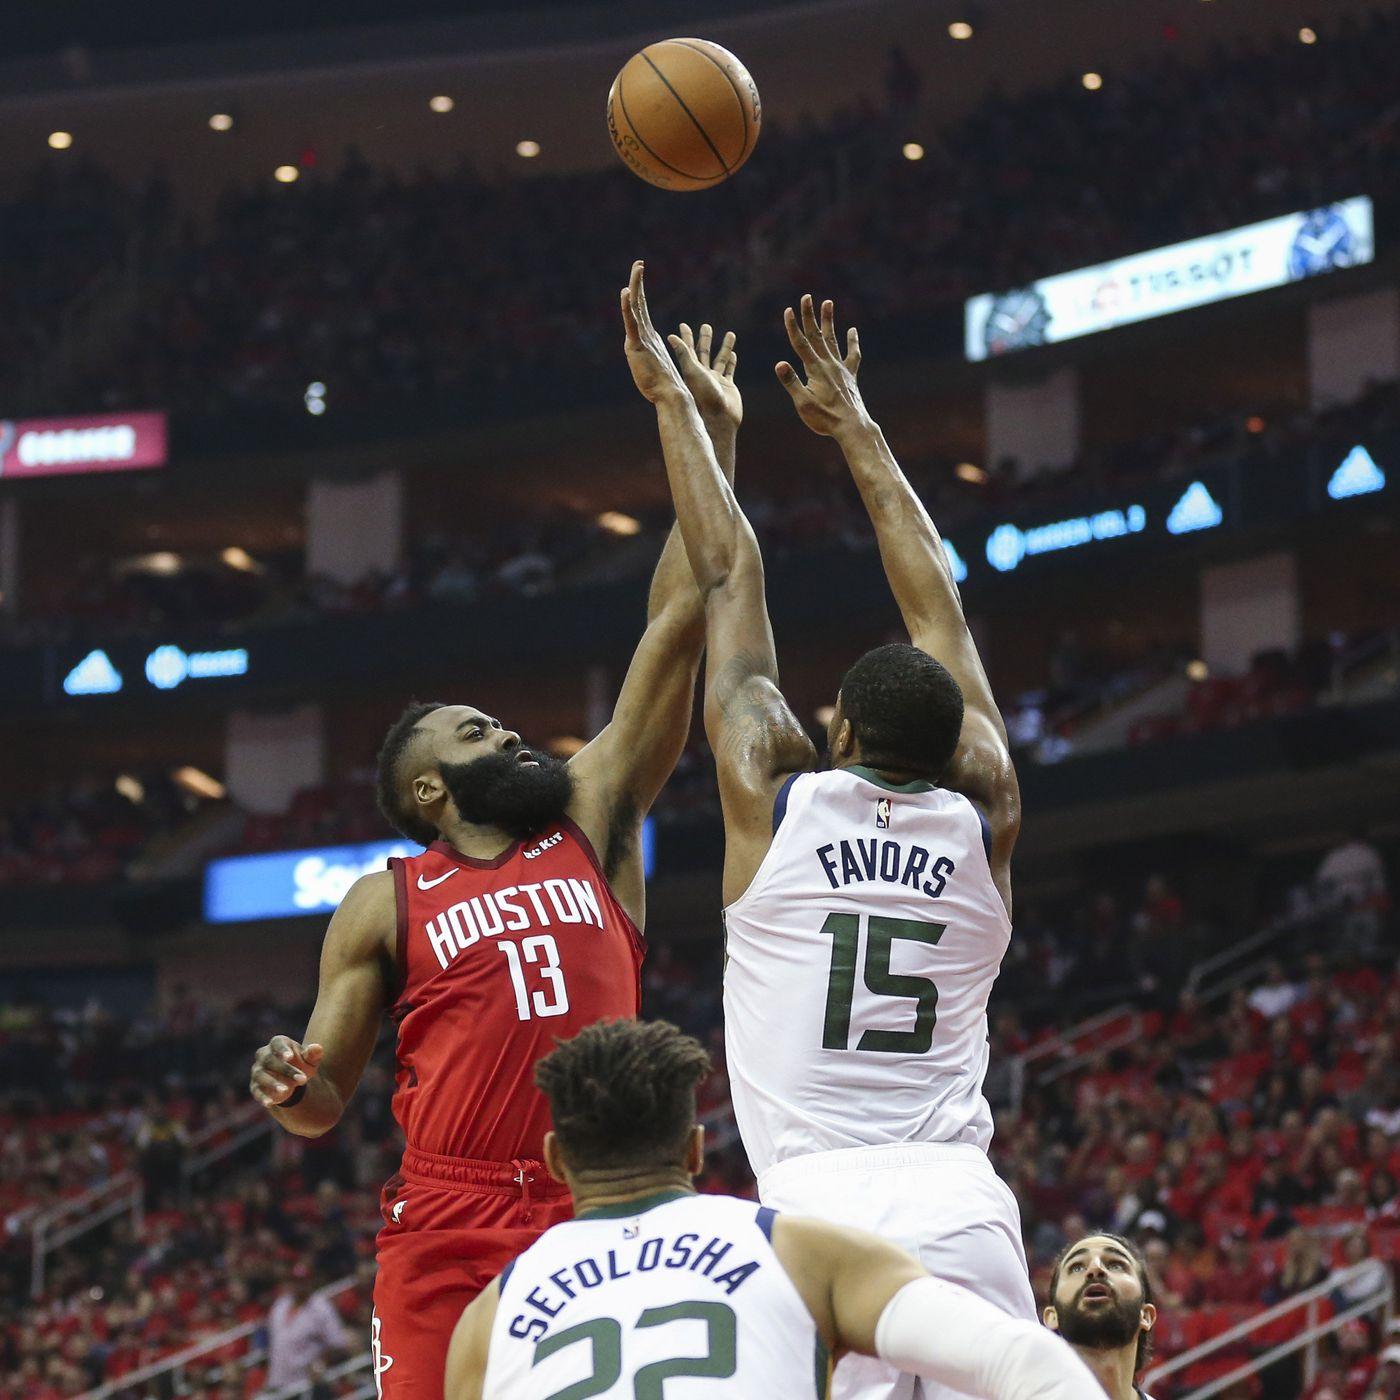 Rockets Jazz Game 2: Kenneth Faried On Flipboard